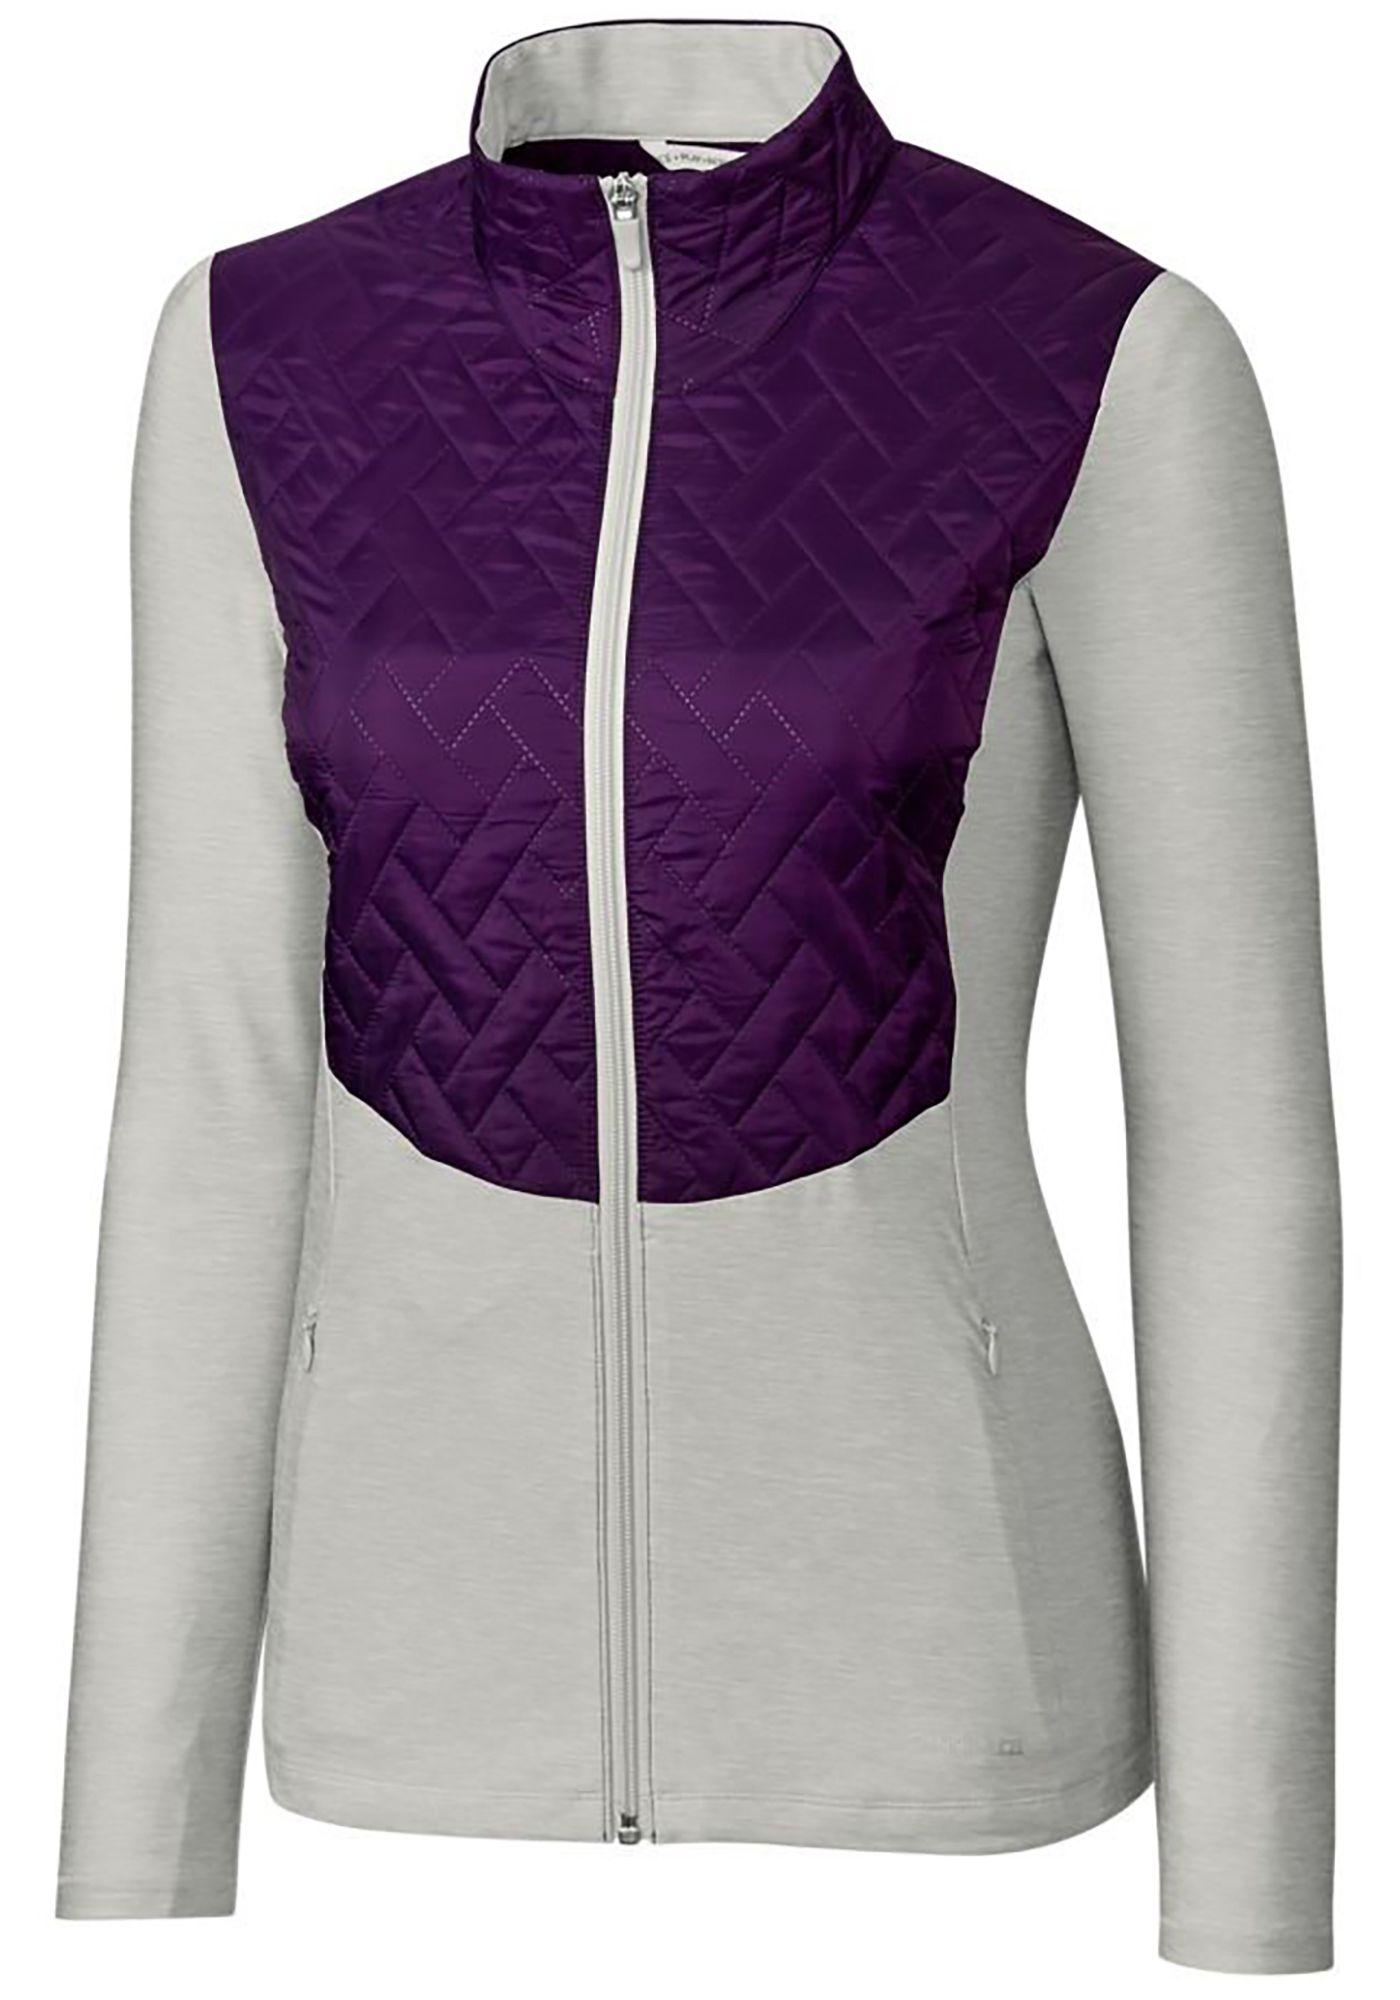 Cutter & Buck Women's Annika Propel Hybrid Golf Jacket